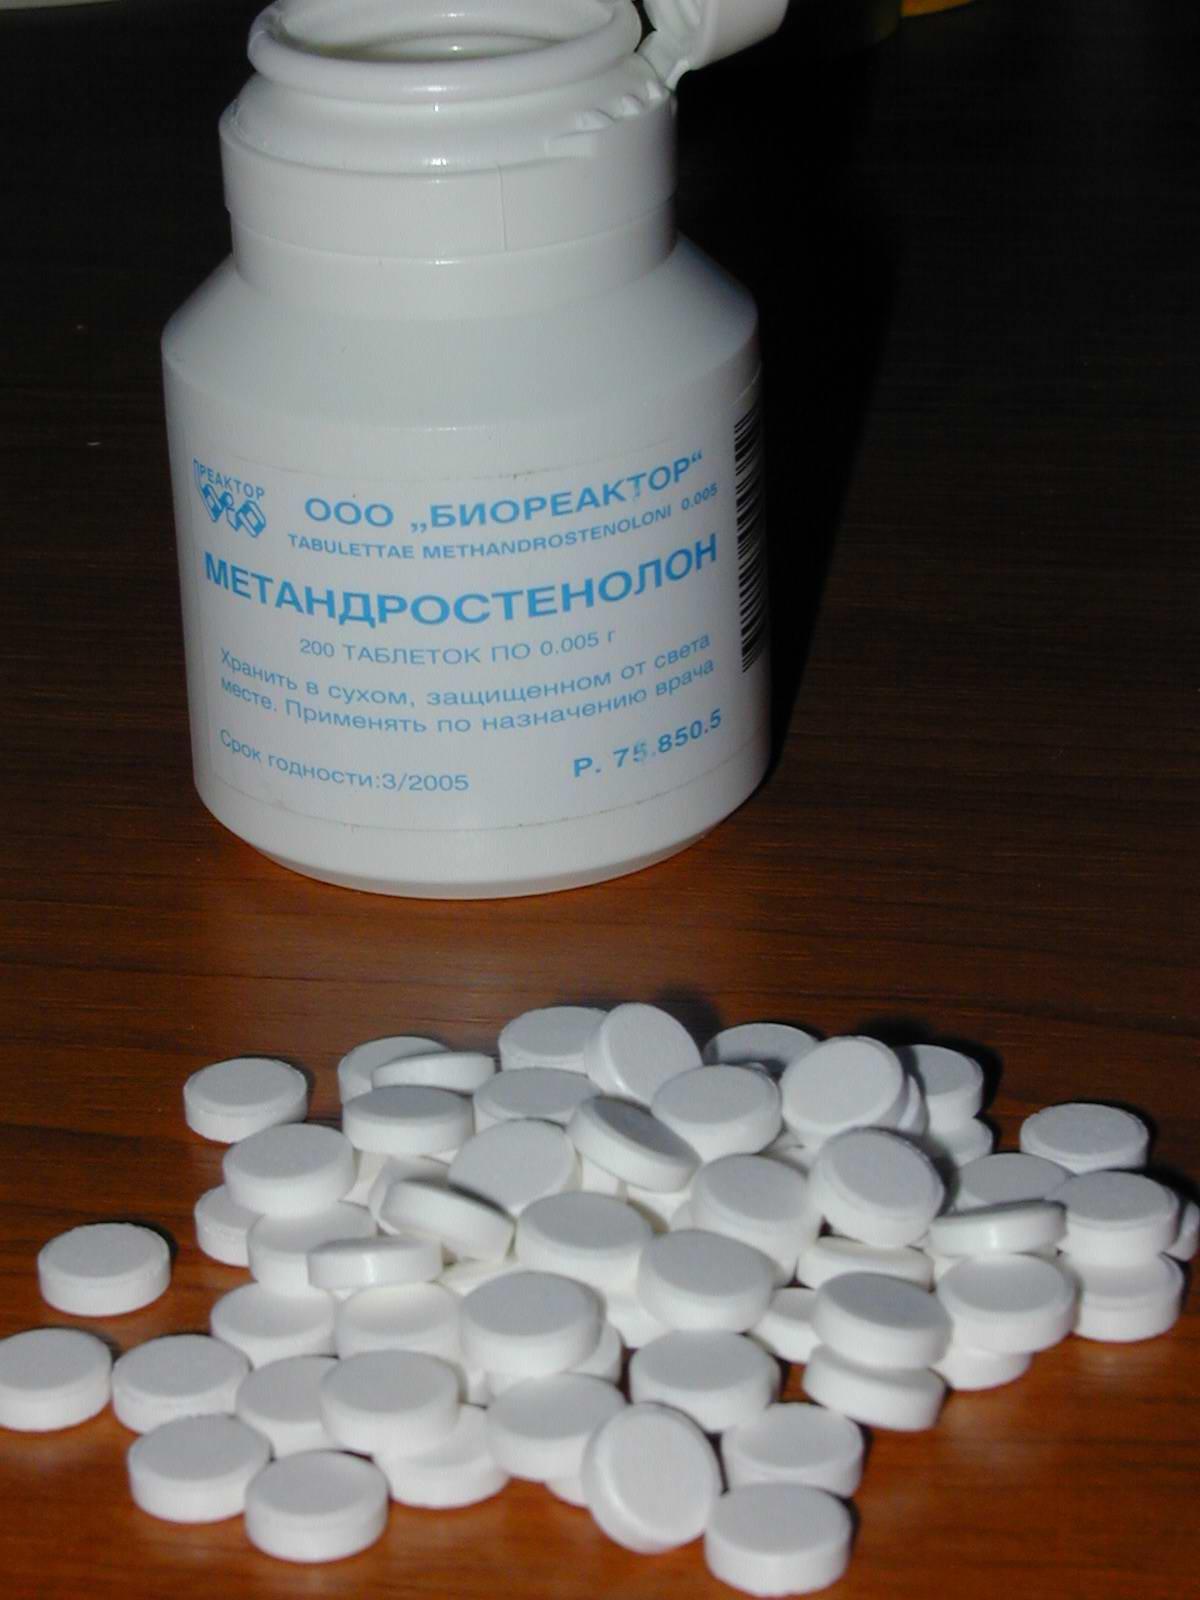 dbol steroids blue hearts